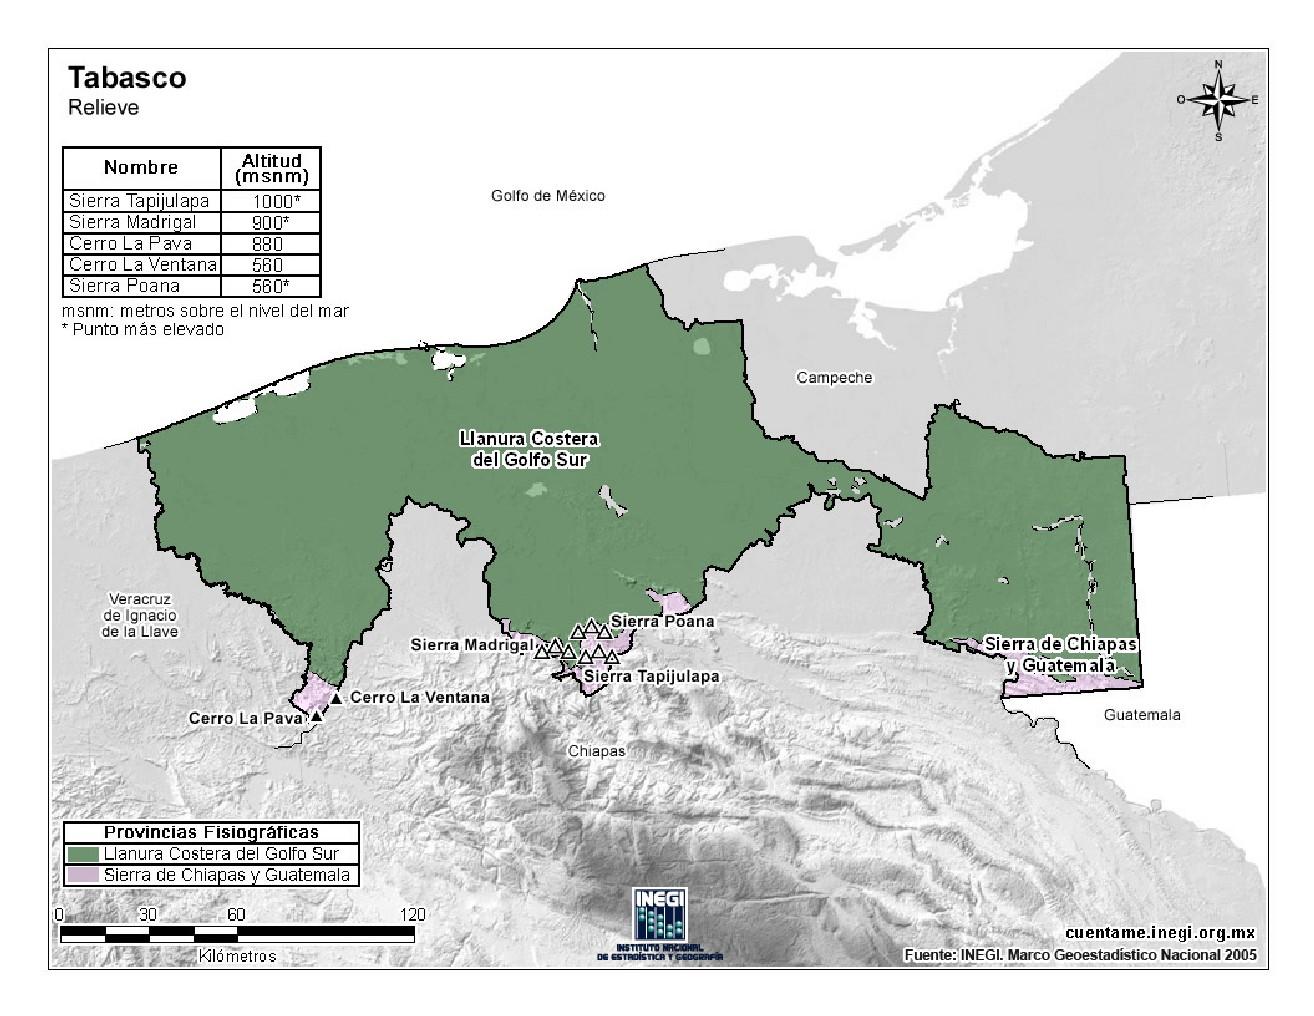 Mapa en color de montañas de Tabasco. INEGI de México